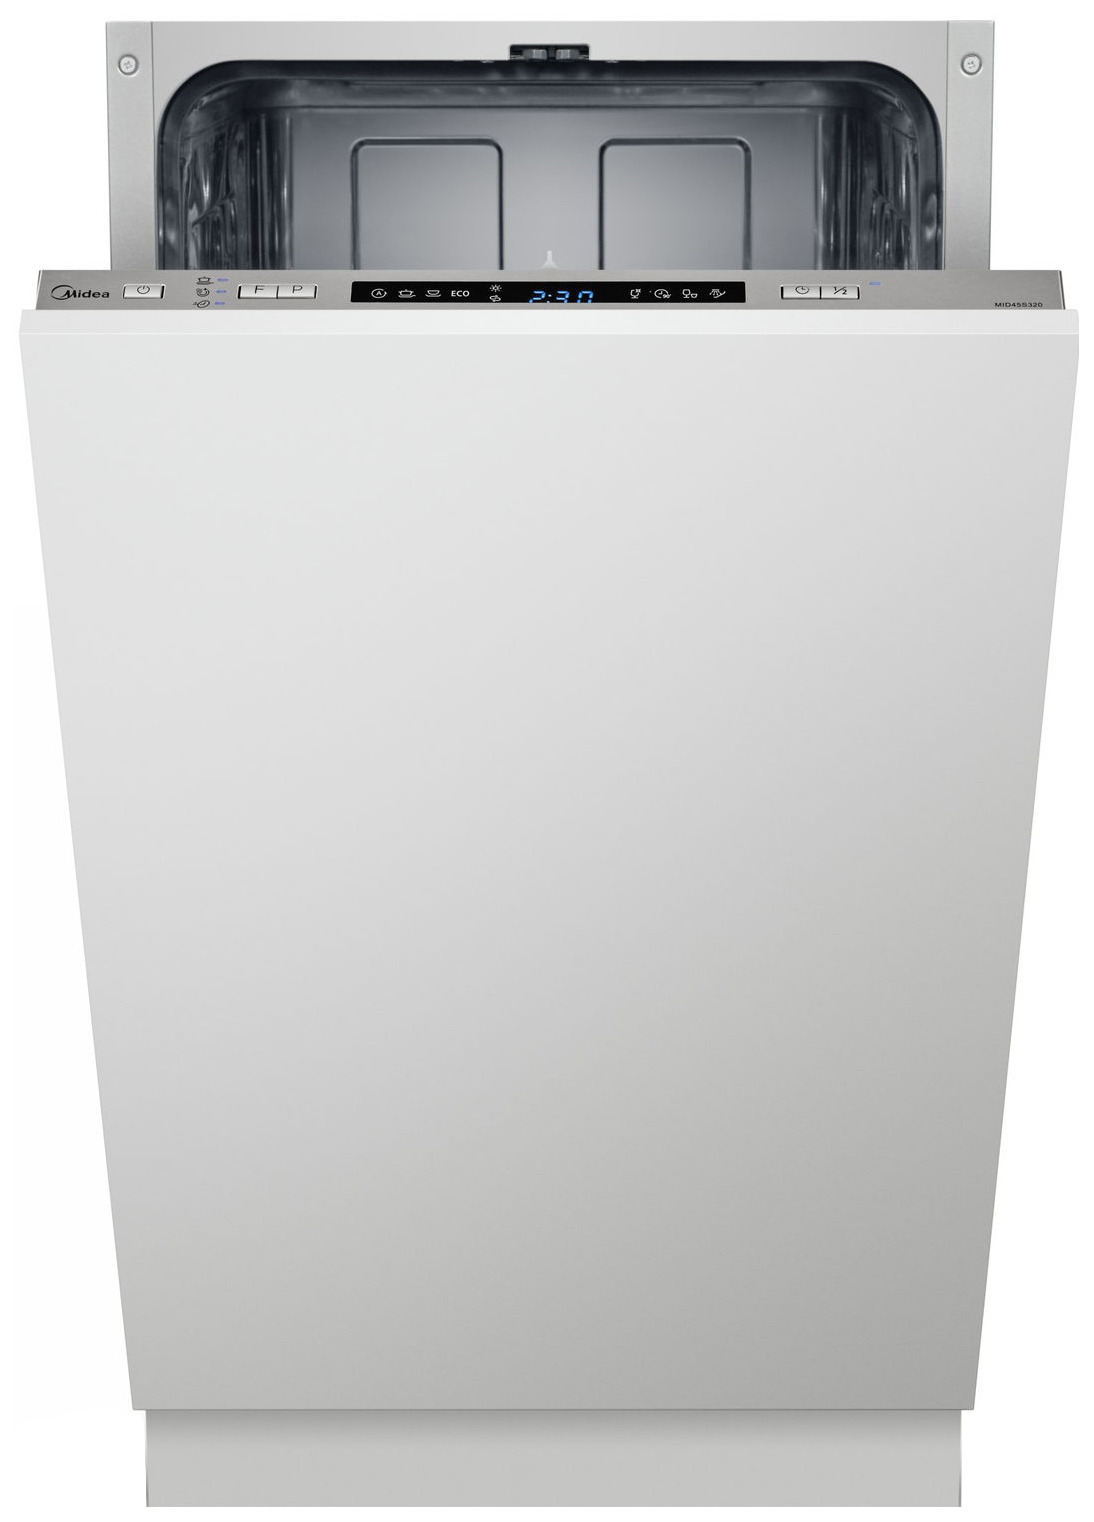 Встраиваемая посудомоечная машина 45 см Midea MID45S320